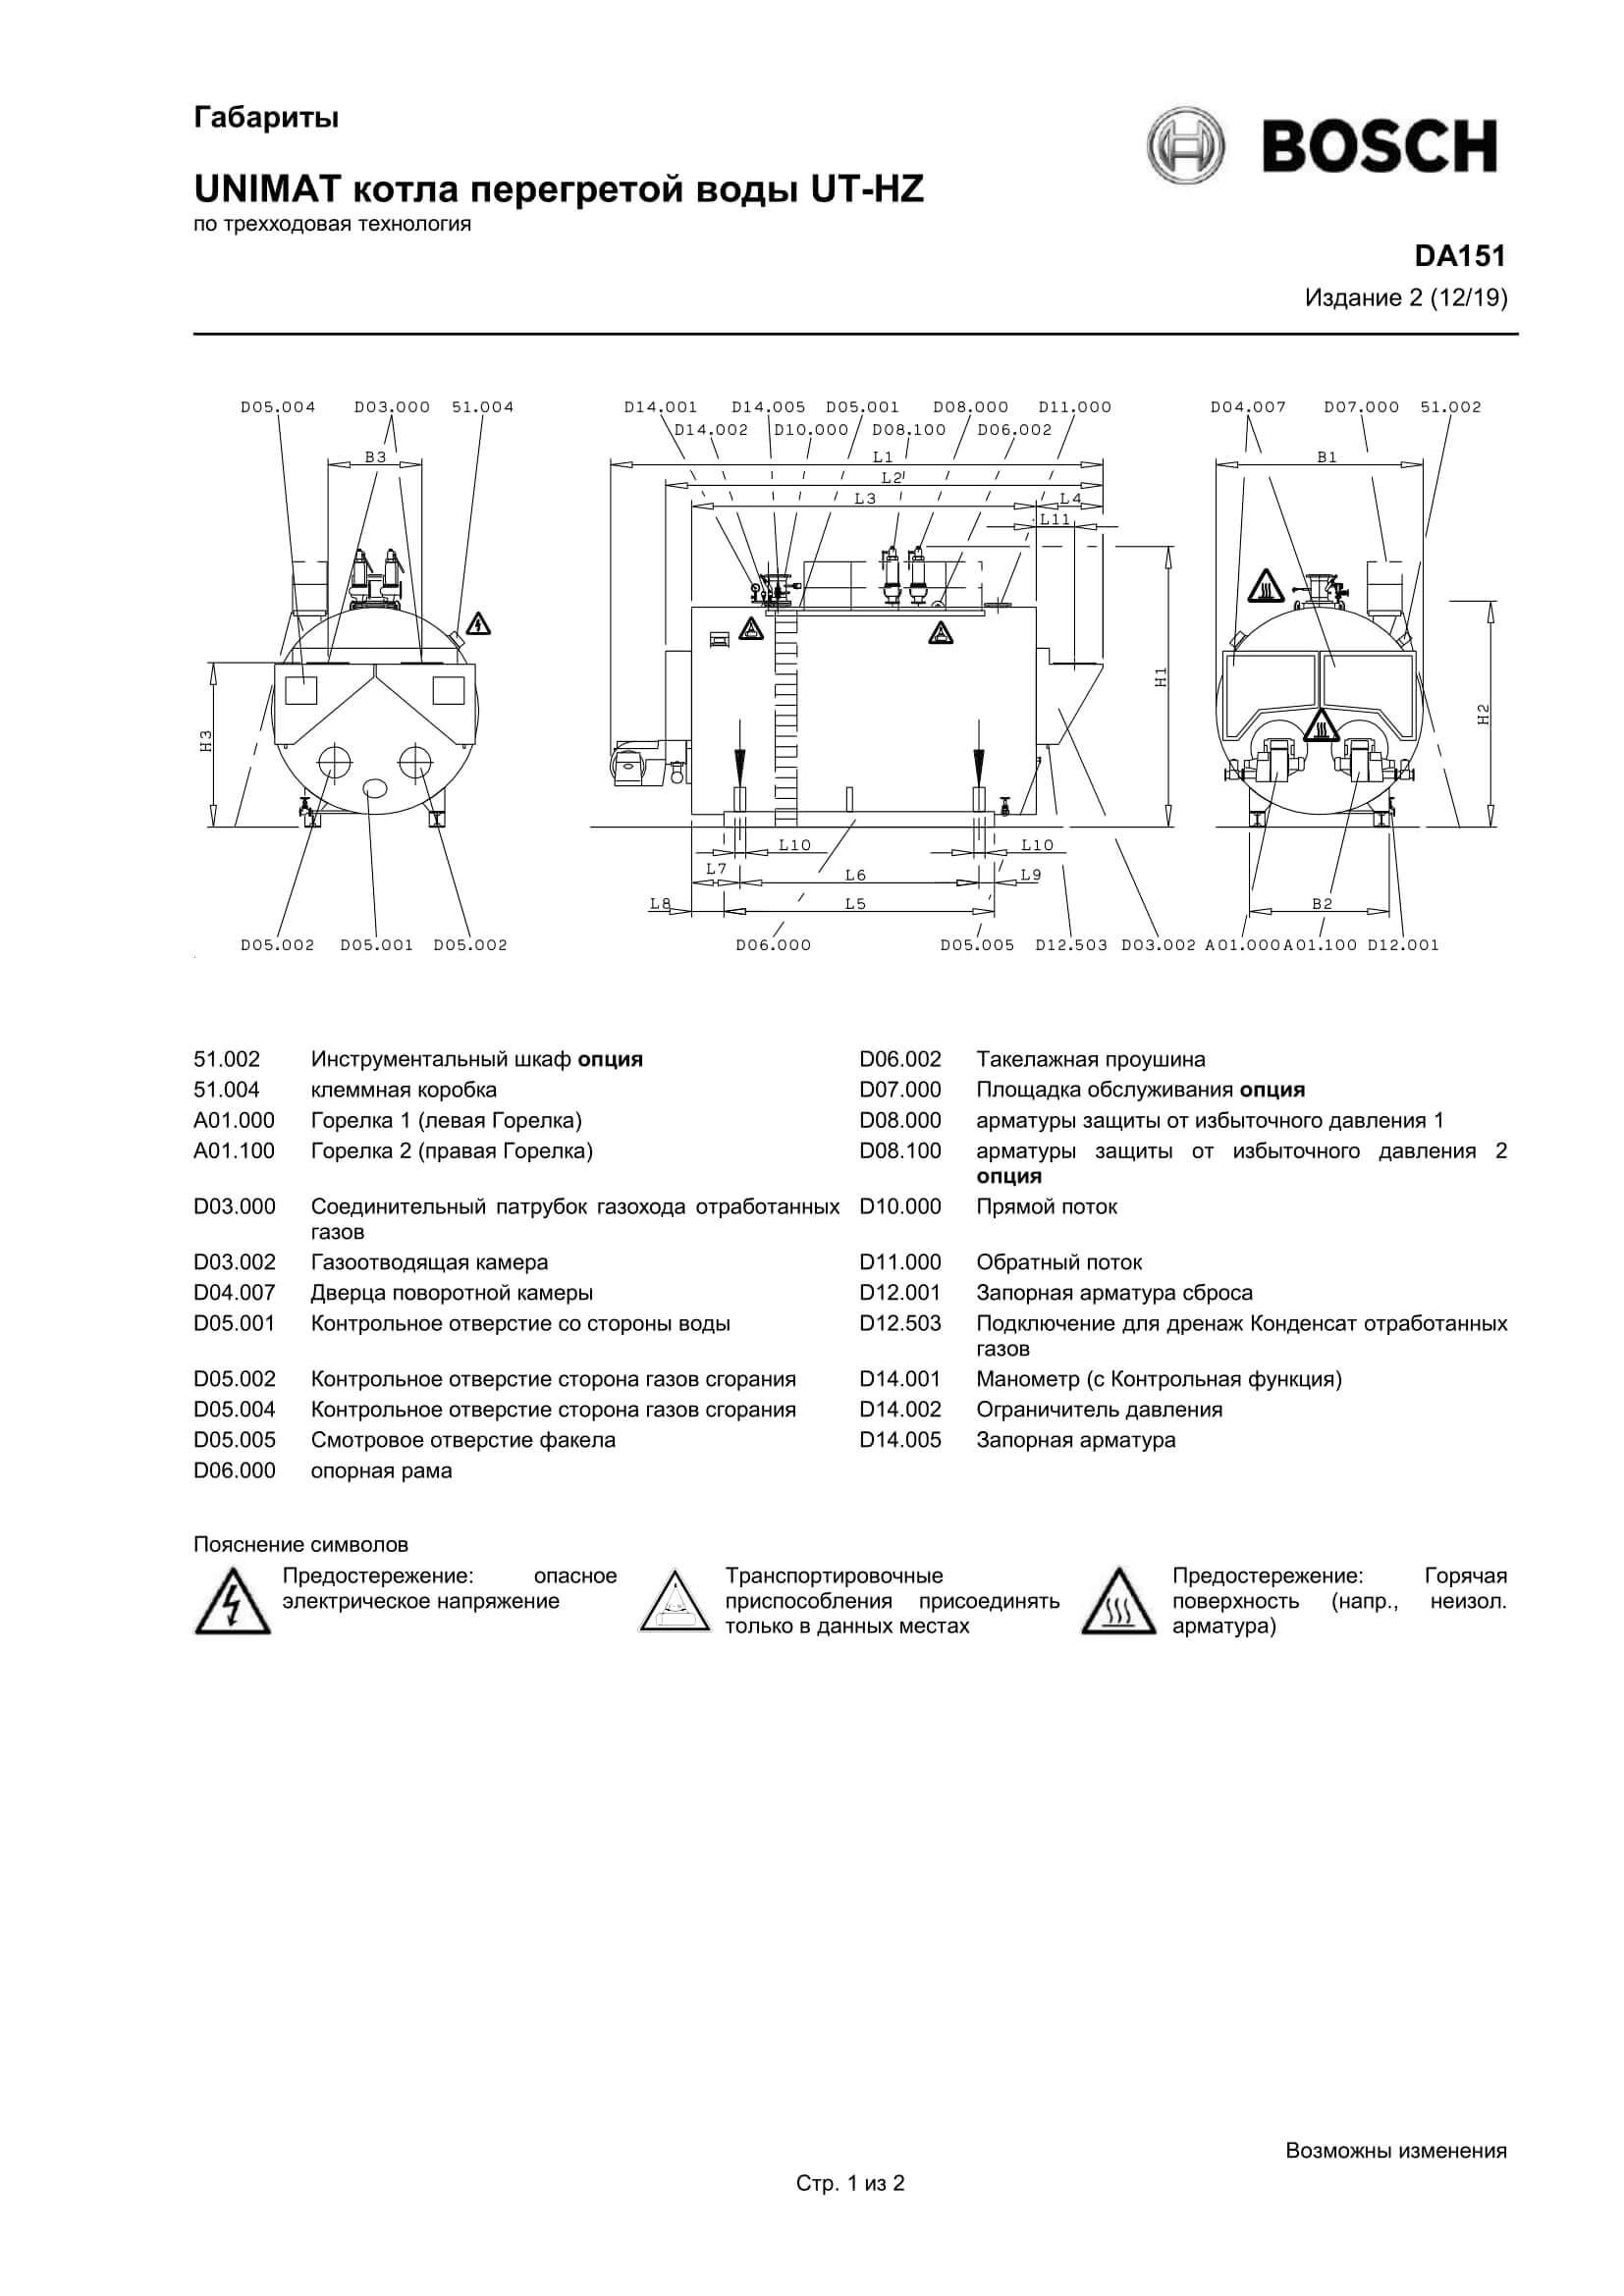 Фотография Описание комбинированного котла дизель/газ Unimat UT-HZ